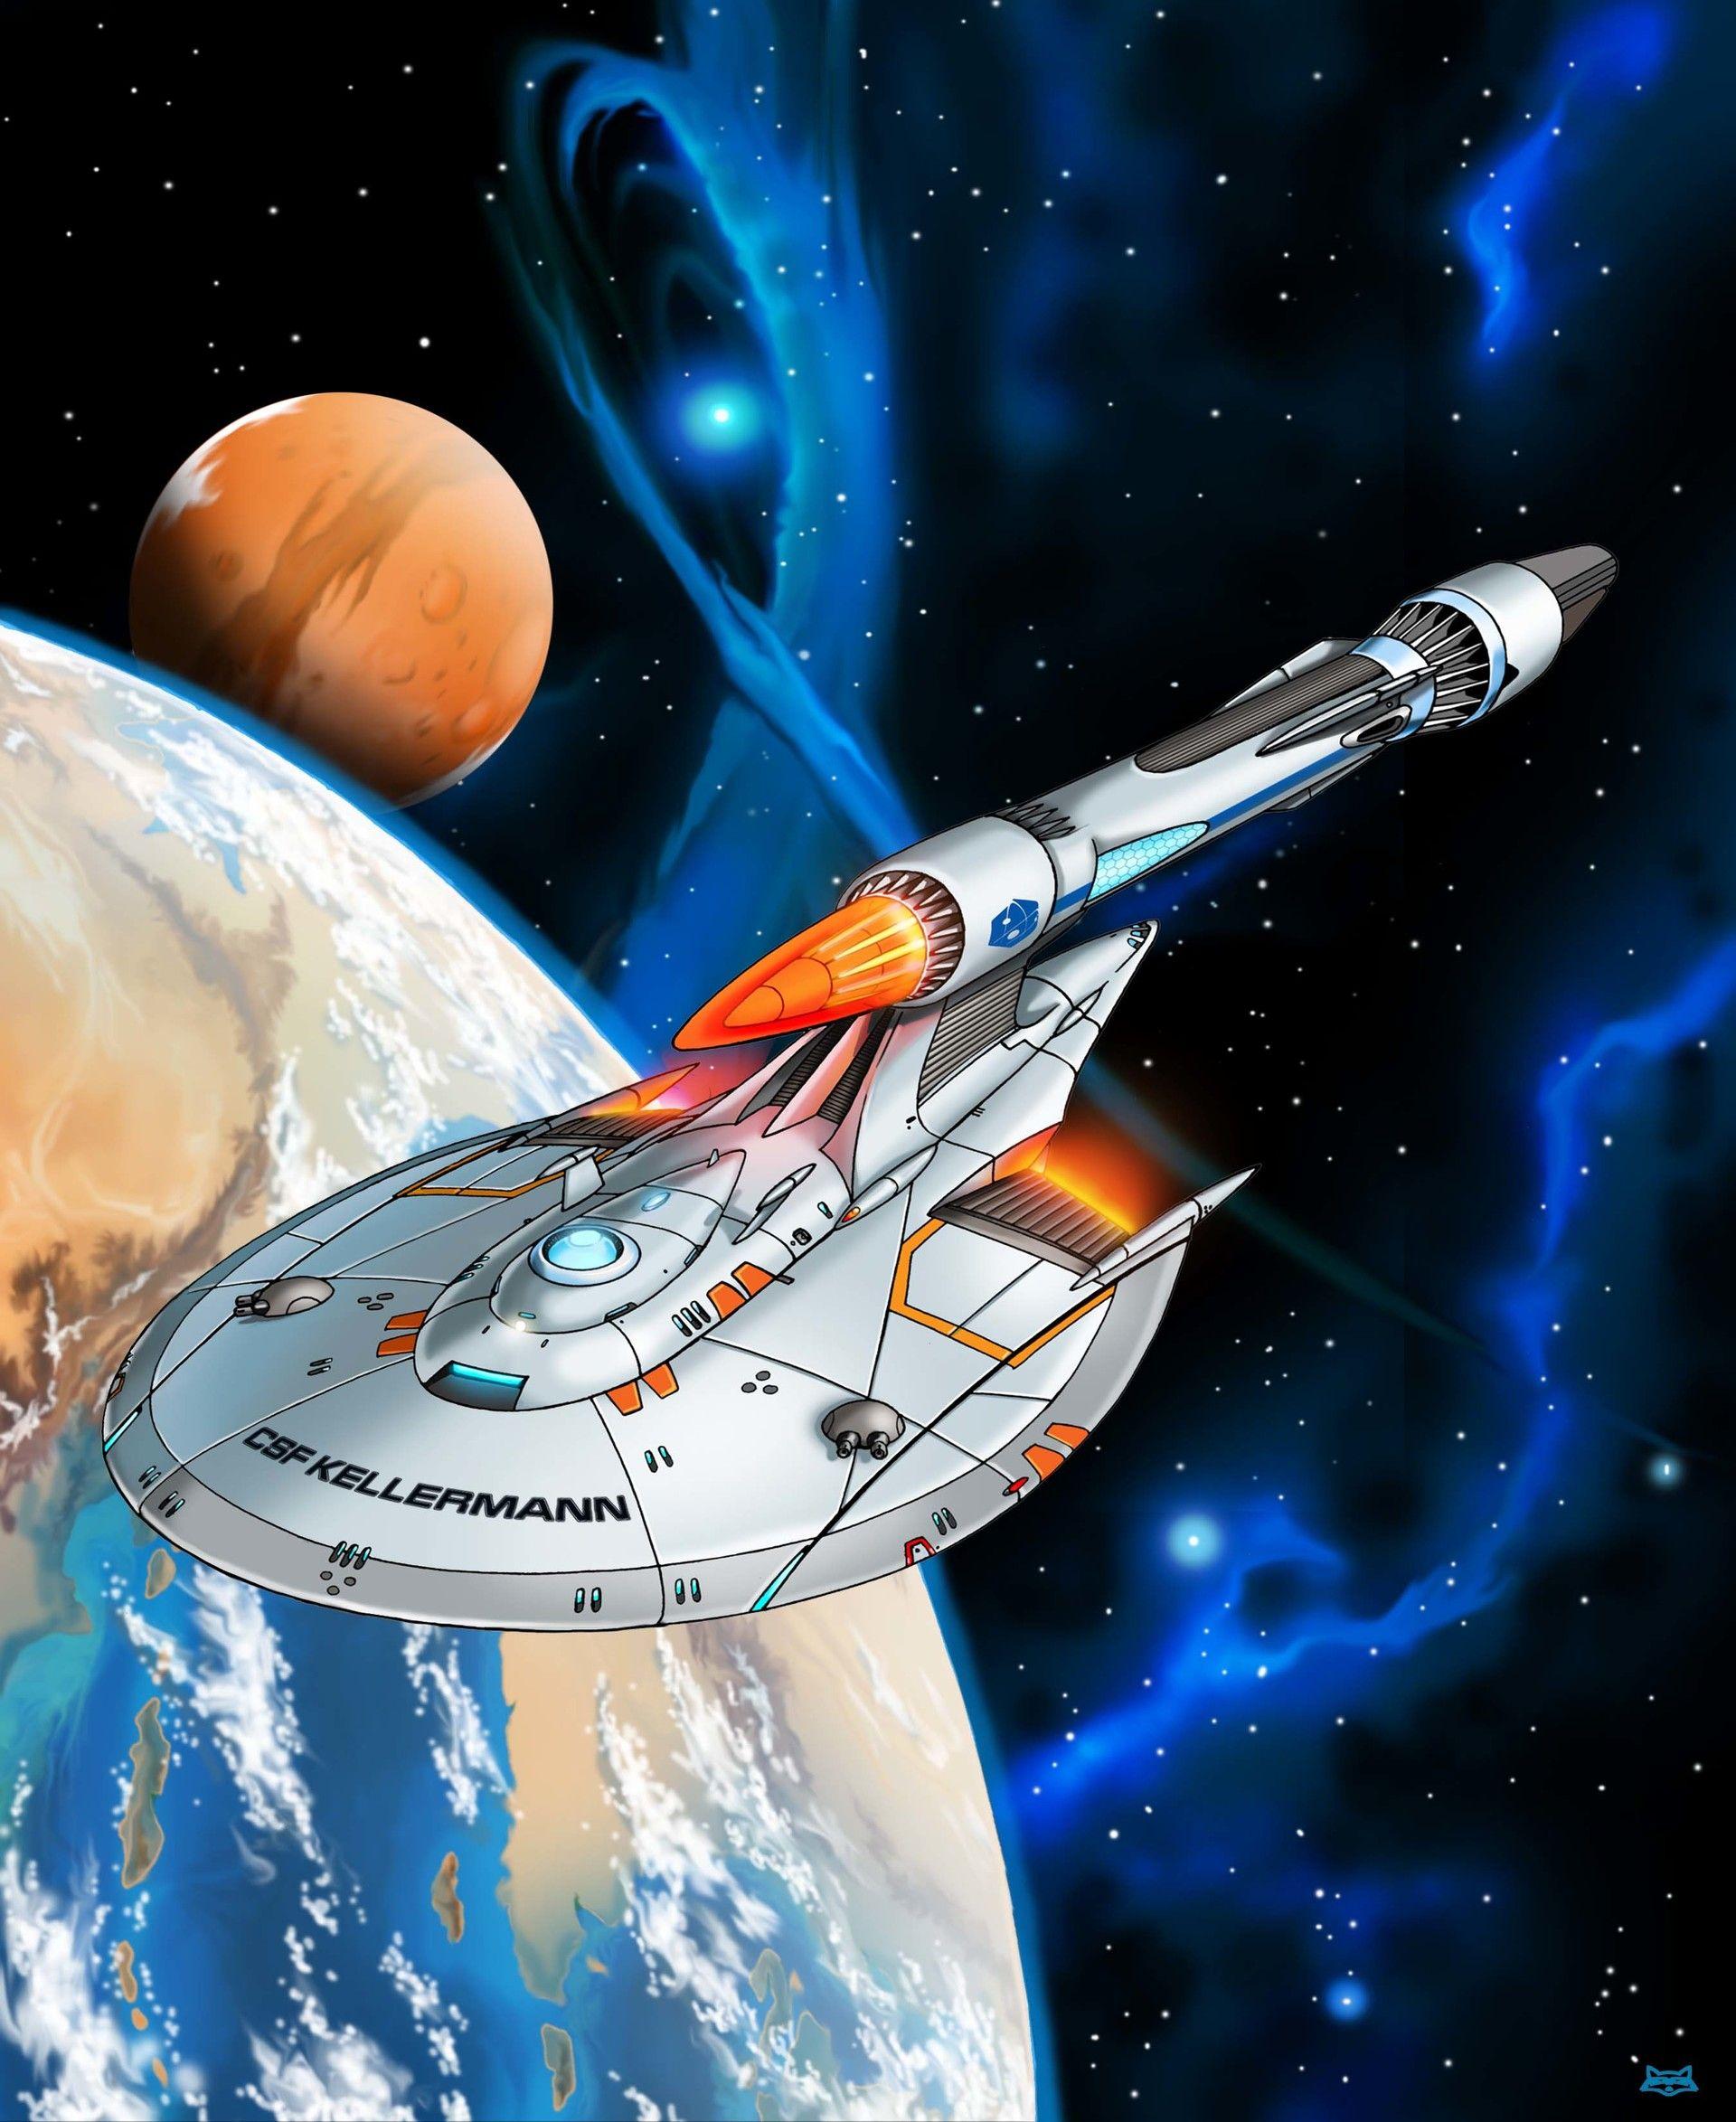 ArtStation - Starship Kellermann, Lee Madison